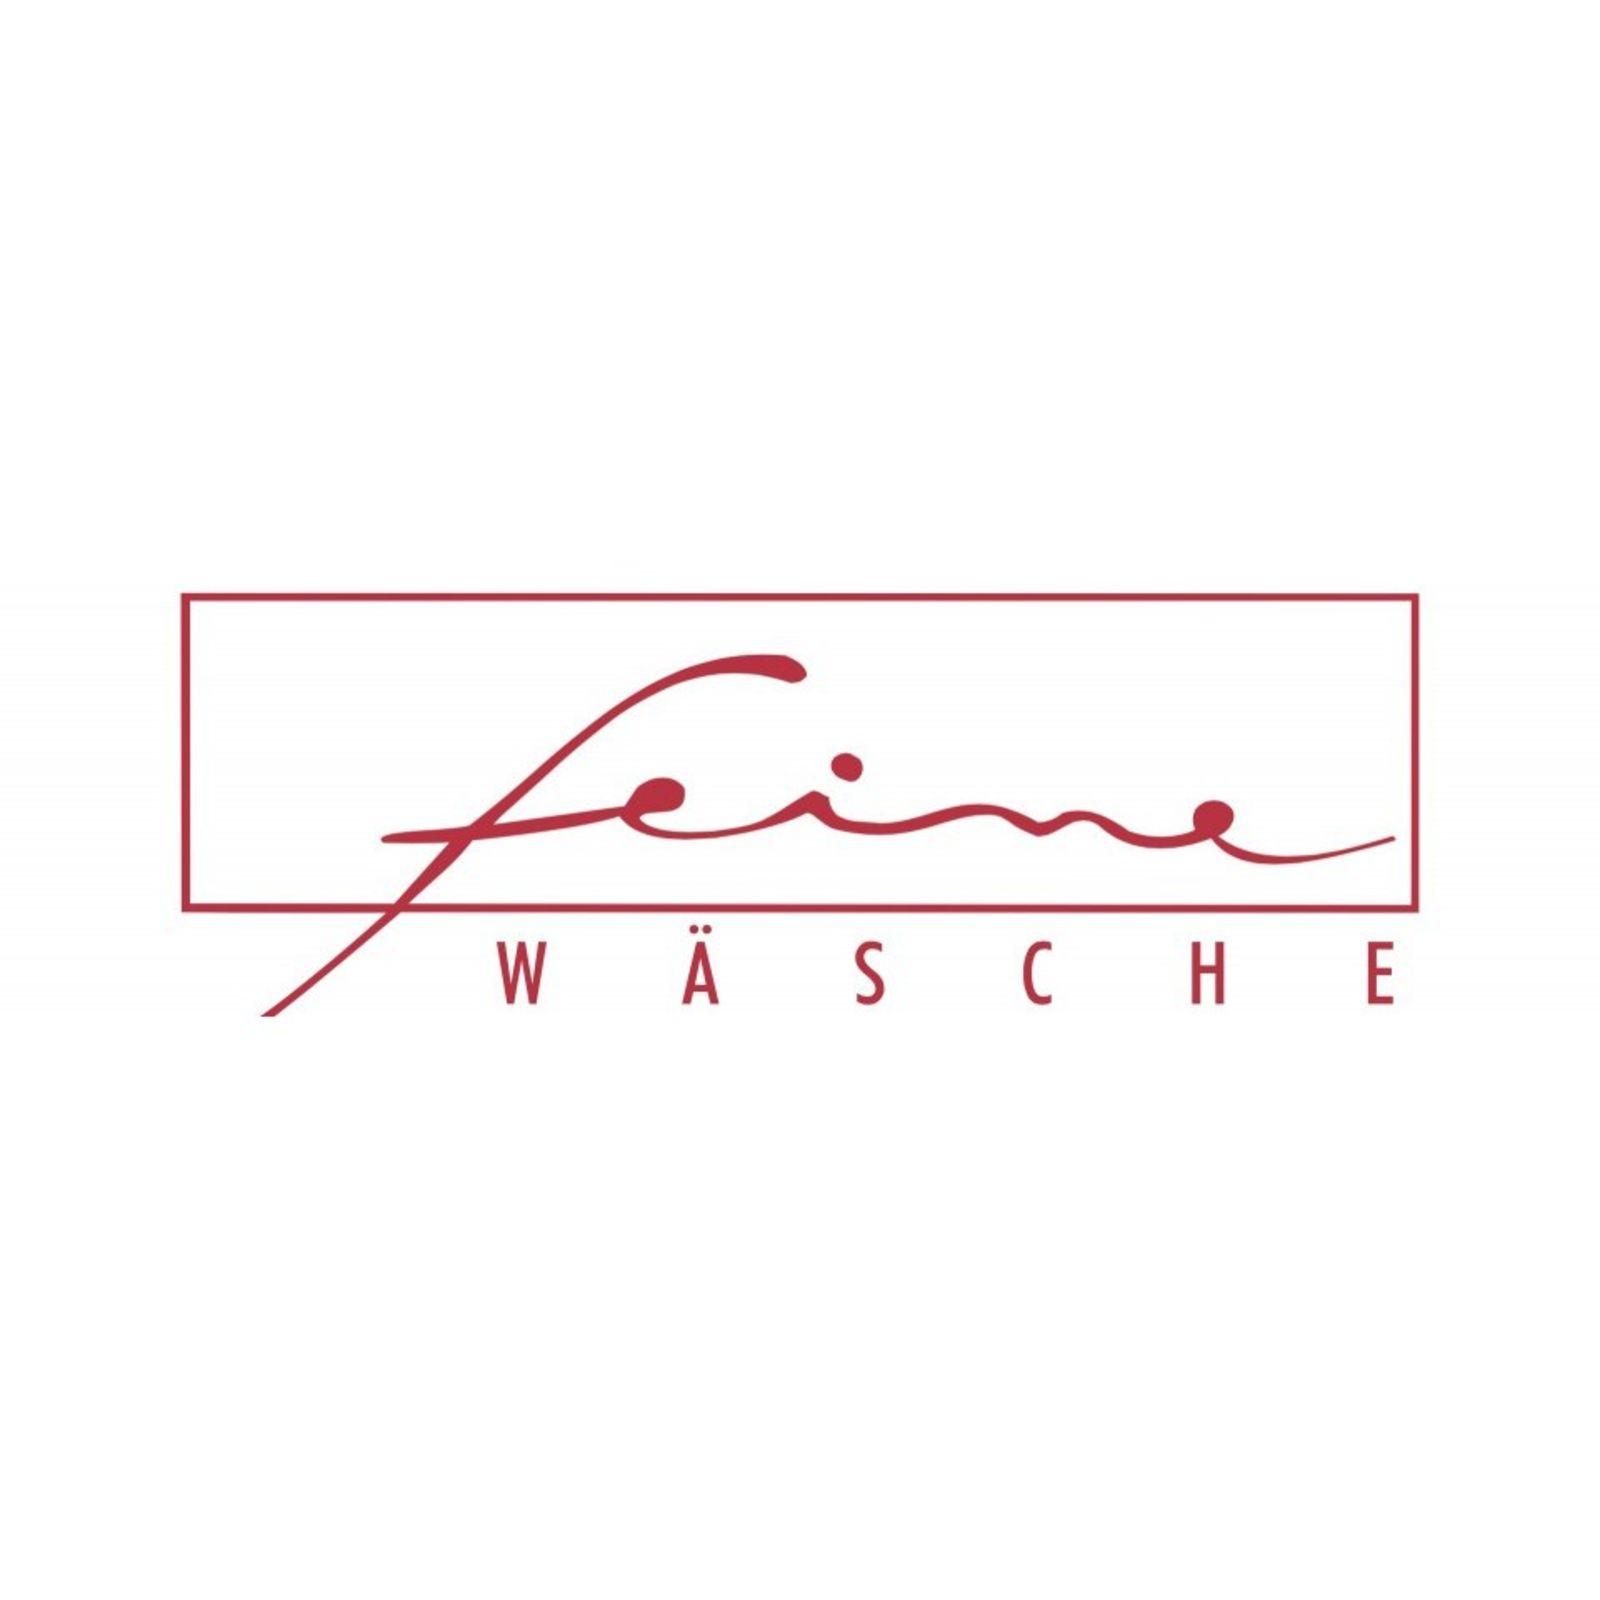 Feine Wäsche in Berlin (Bild 1)